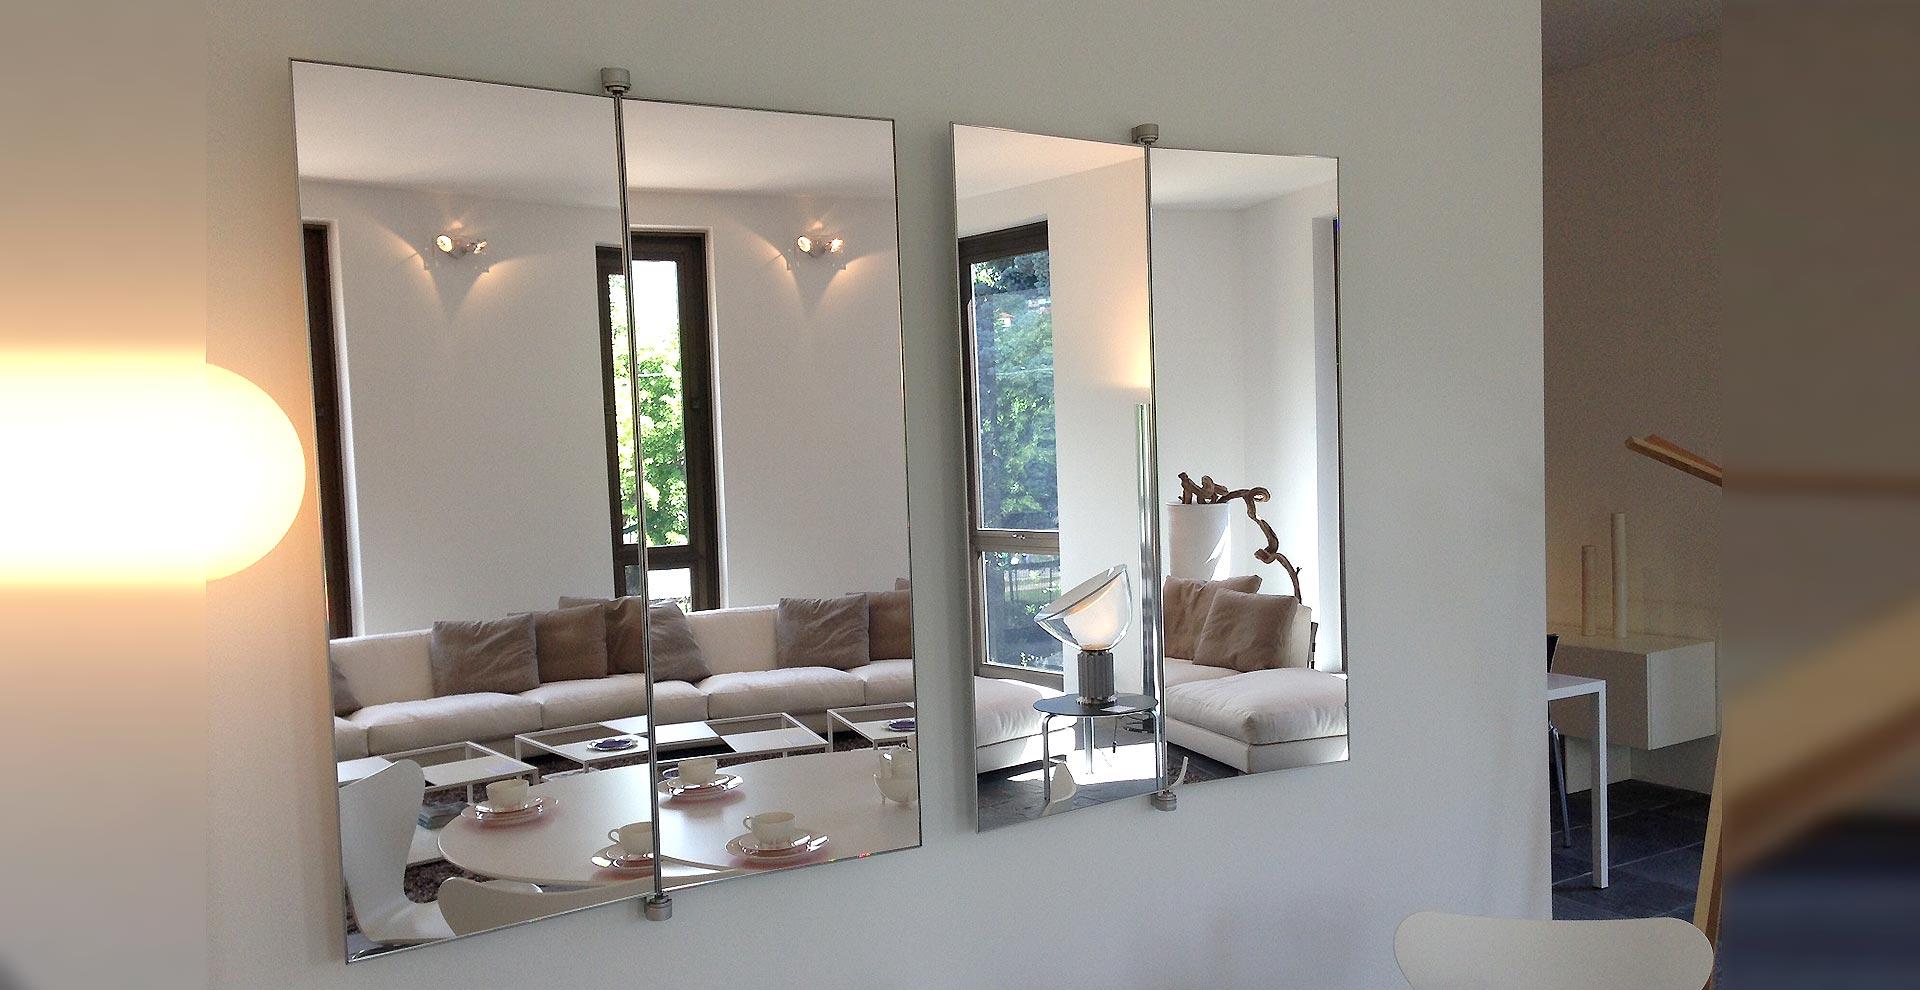 Book De Padova - mirror book de padova